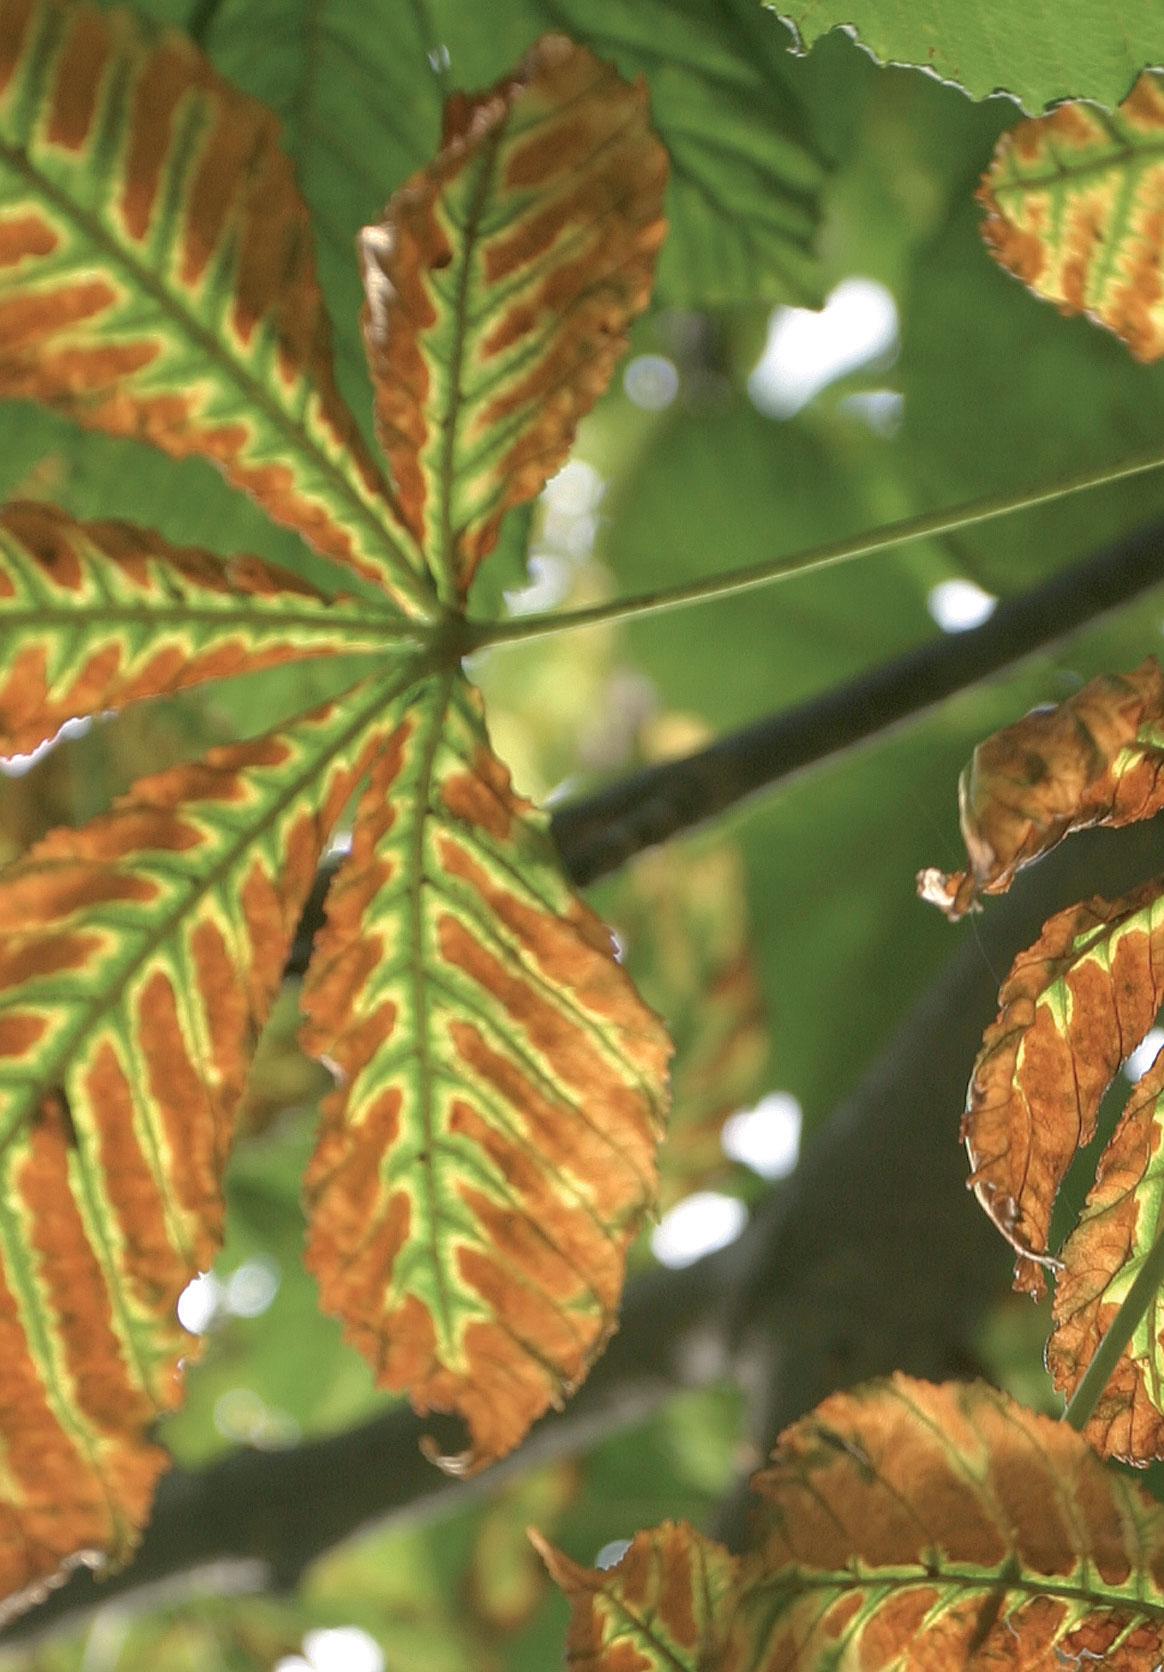 Hevoskastanjan lehtivihreä on hajoamassa, ja puu alkaa valmistautua talven tuloon.